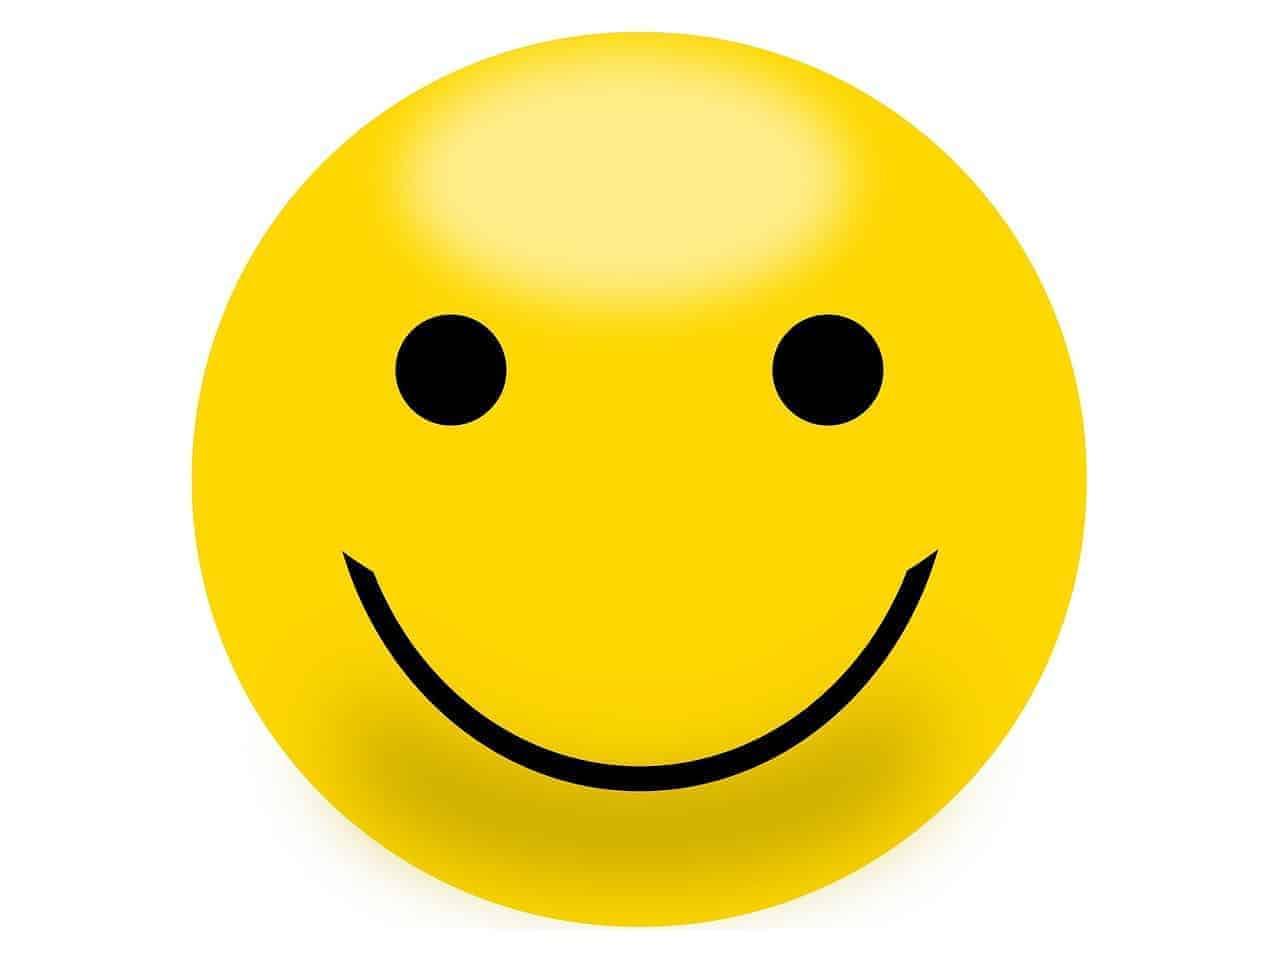 Ein gelbes Smiley bringt und oft alleine schon zum Schmunzeln, weil es Freude beschreibt.